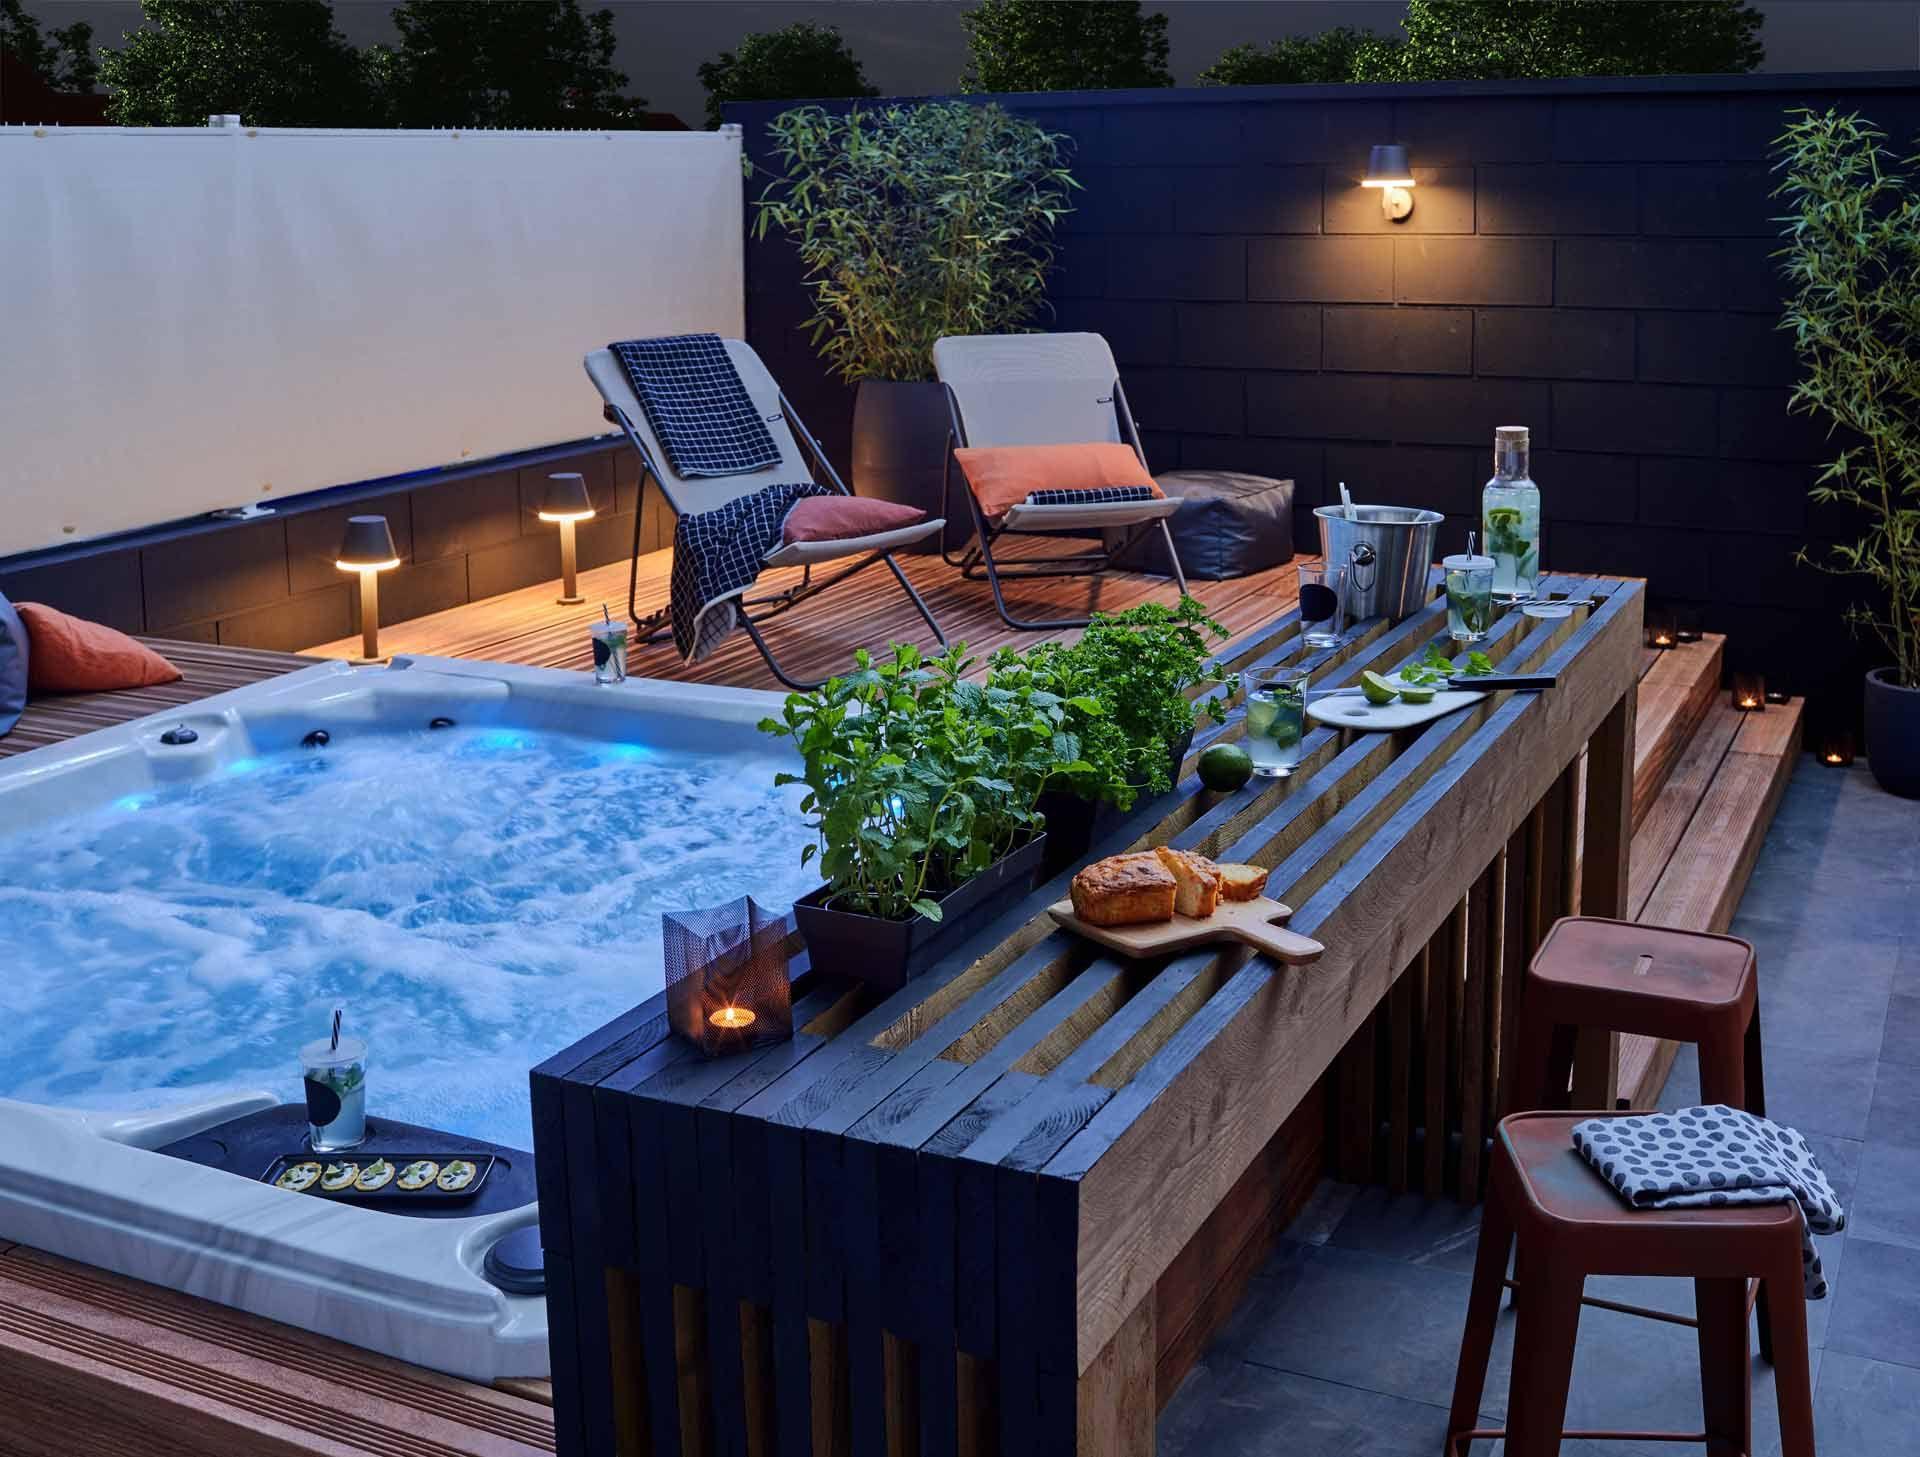 Installer Spa Gonflable Exterieur comment installer une cuisine extérieure d'été ? | jardin